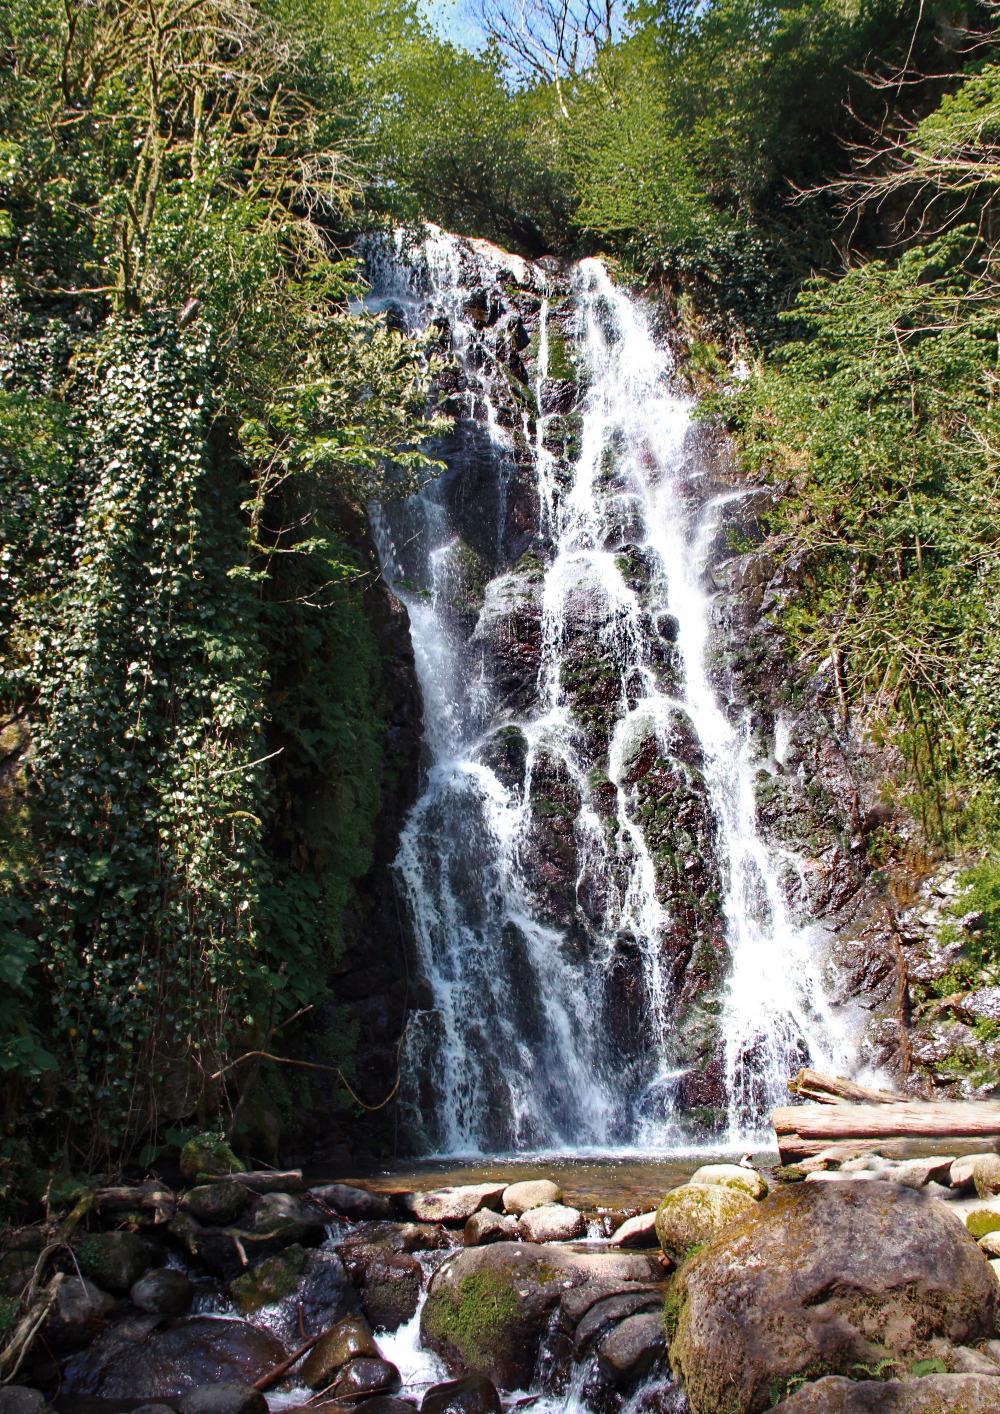 Mirveti waterfall in Adjara